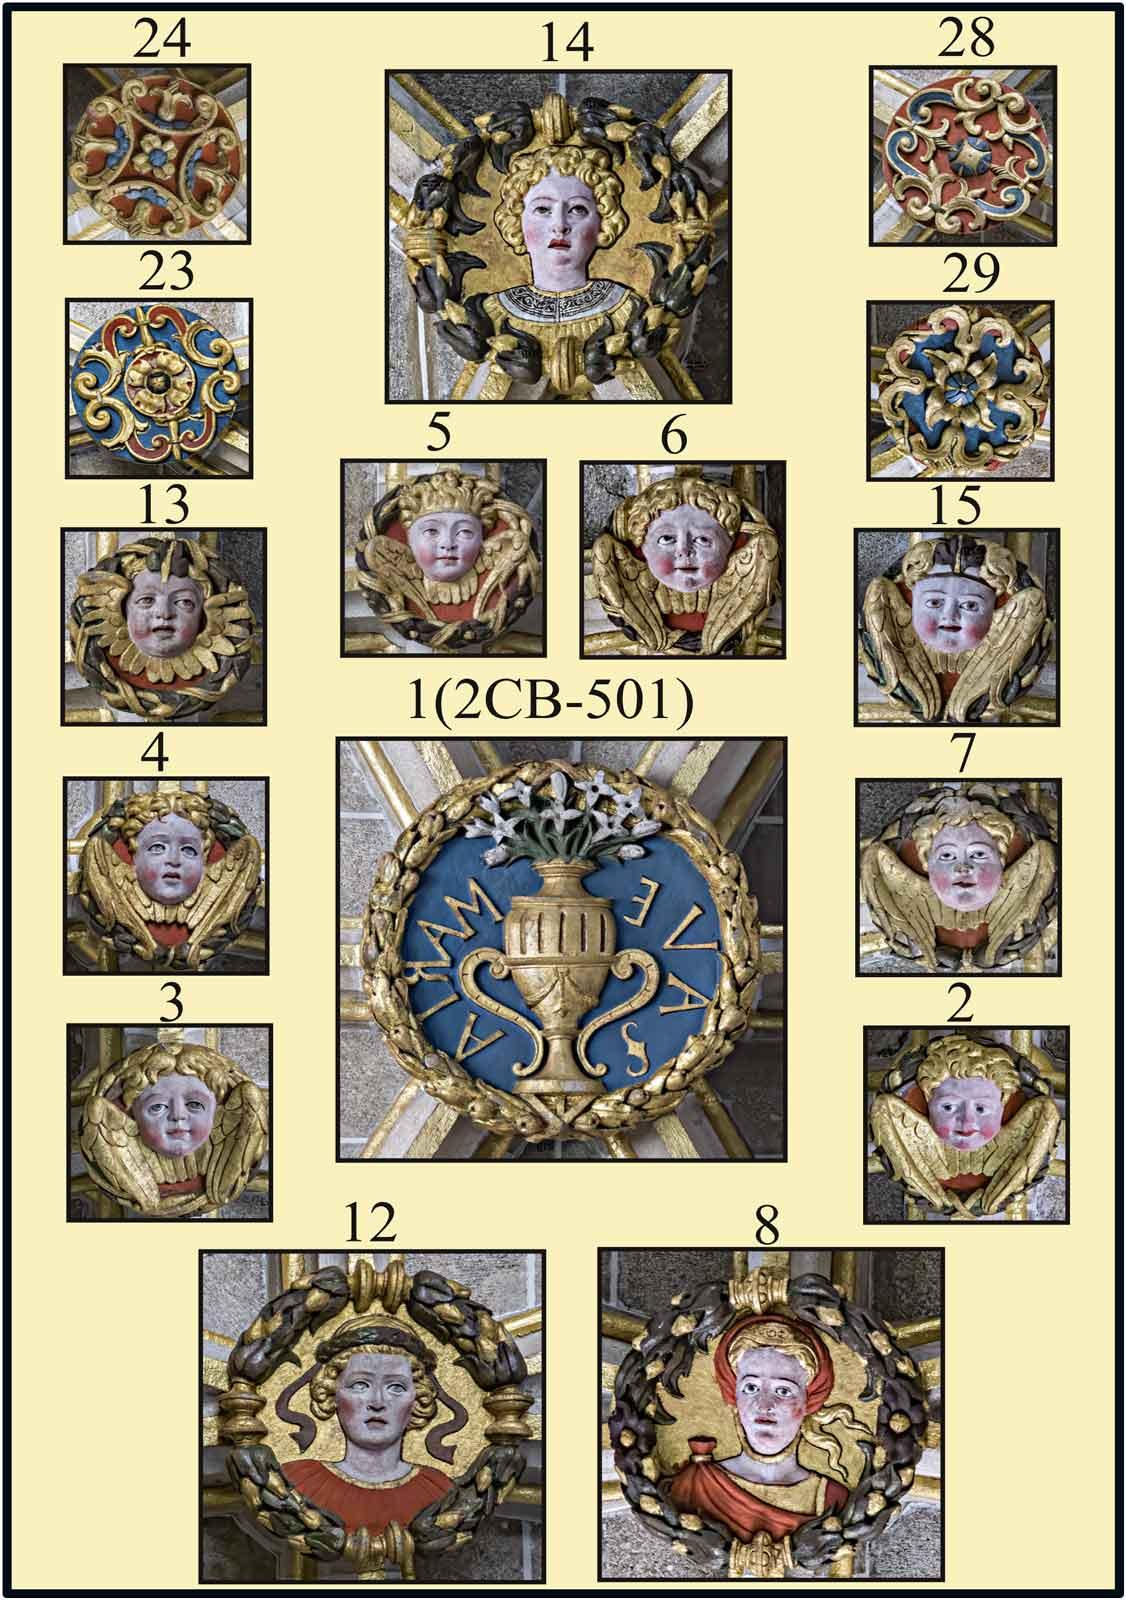 boveda del organo claves policromadas con Jarron Mariano bustos de reinas angelitos y flores